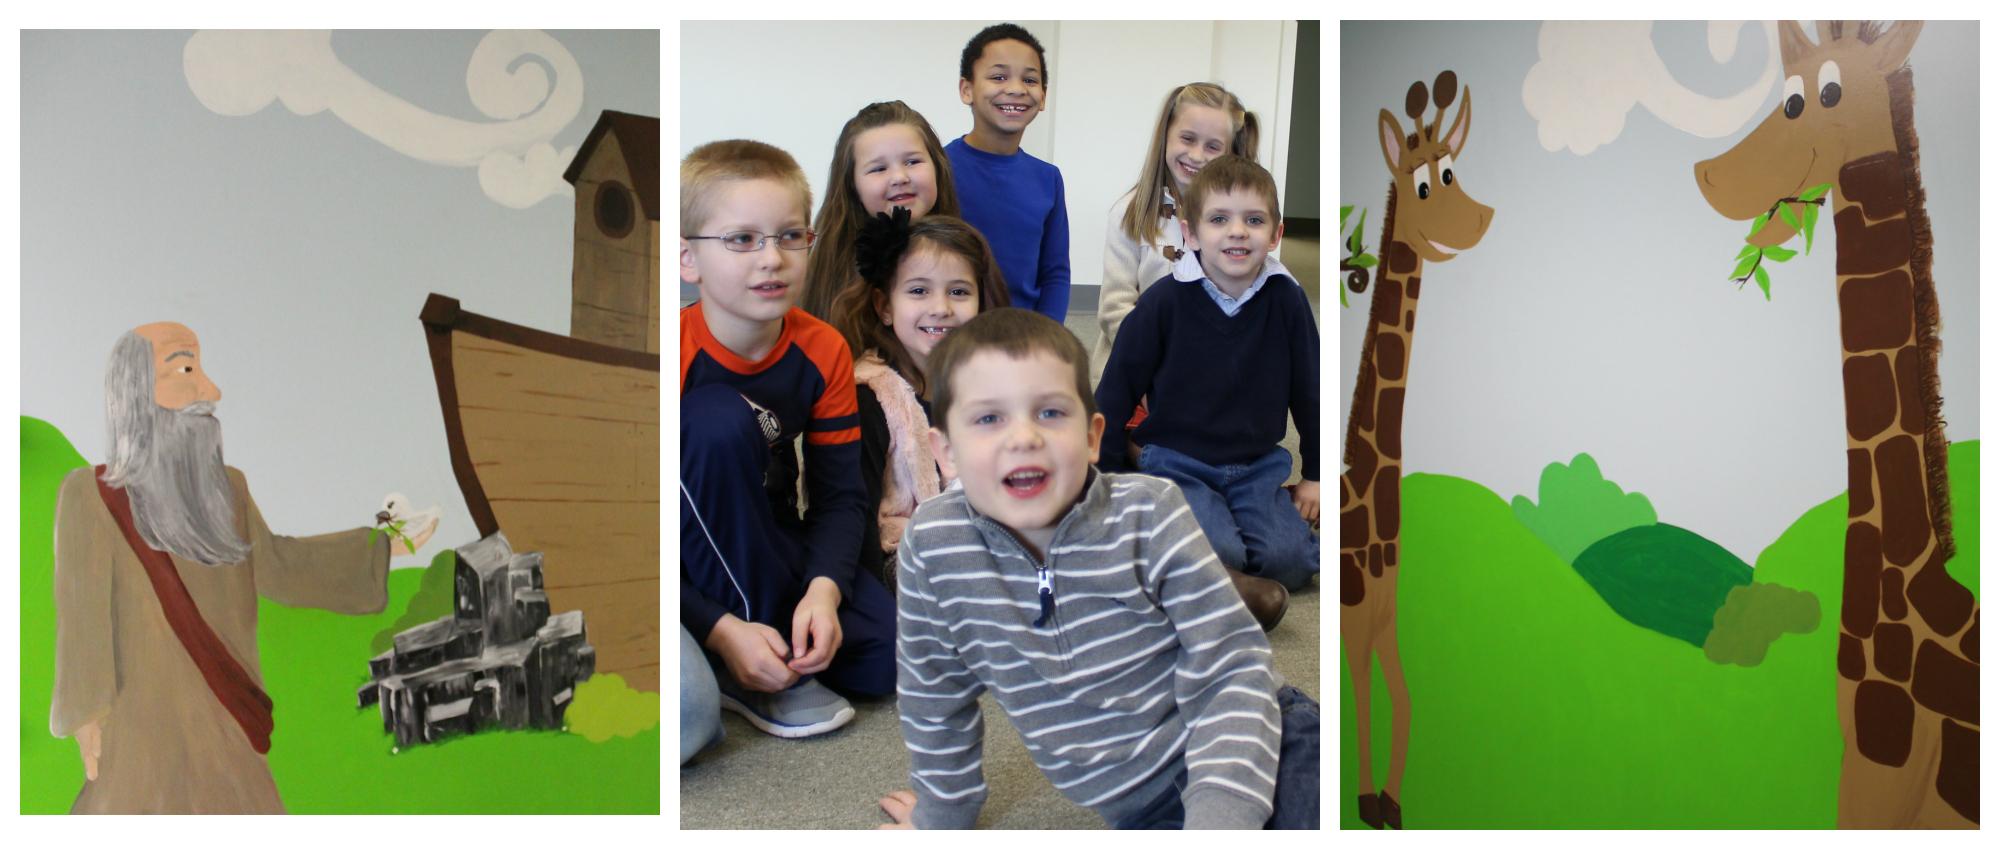 Children-Web-Collage